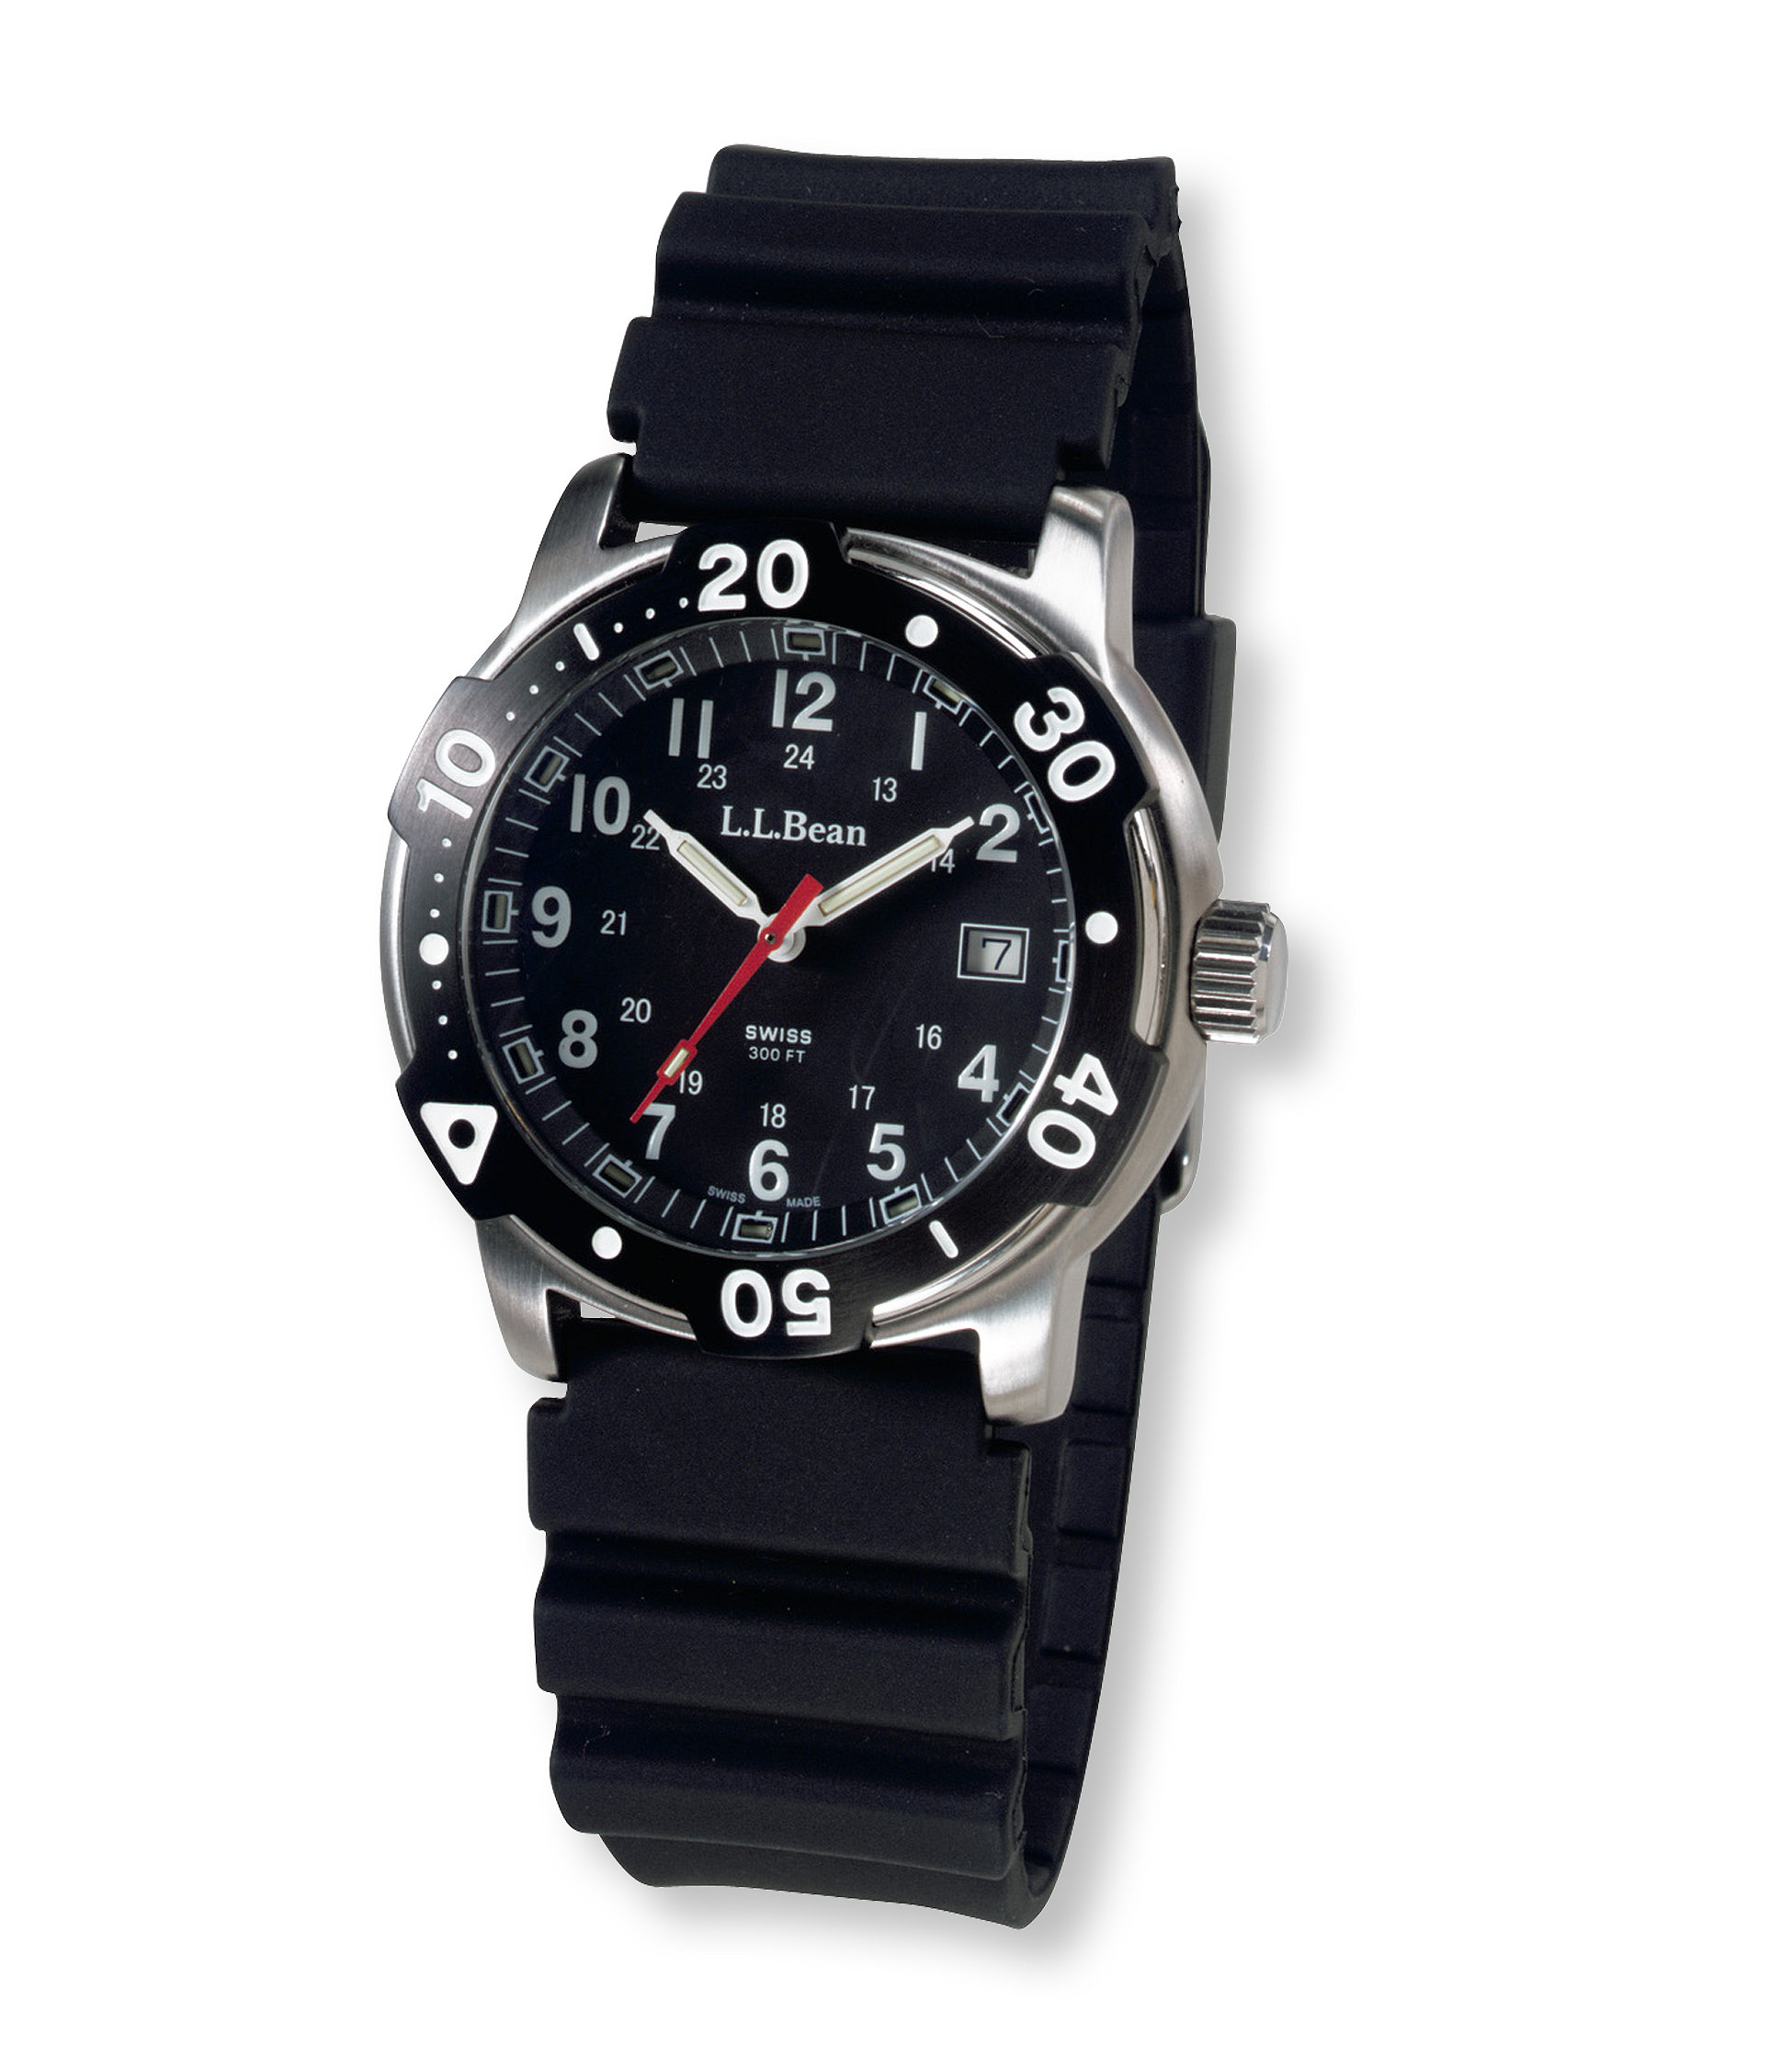 L.L.Bean Self-Illuminating Sport Watch